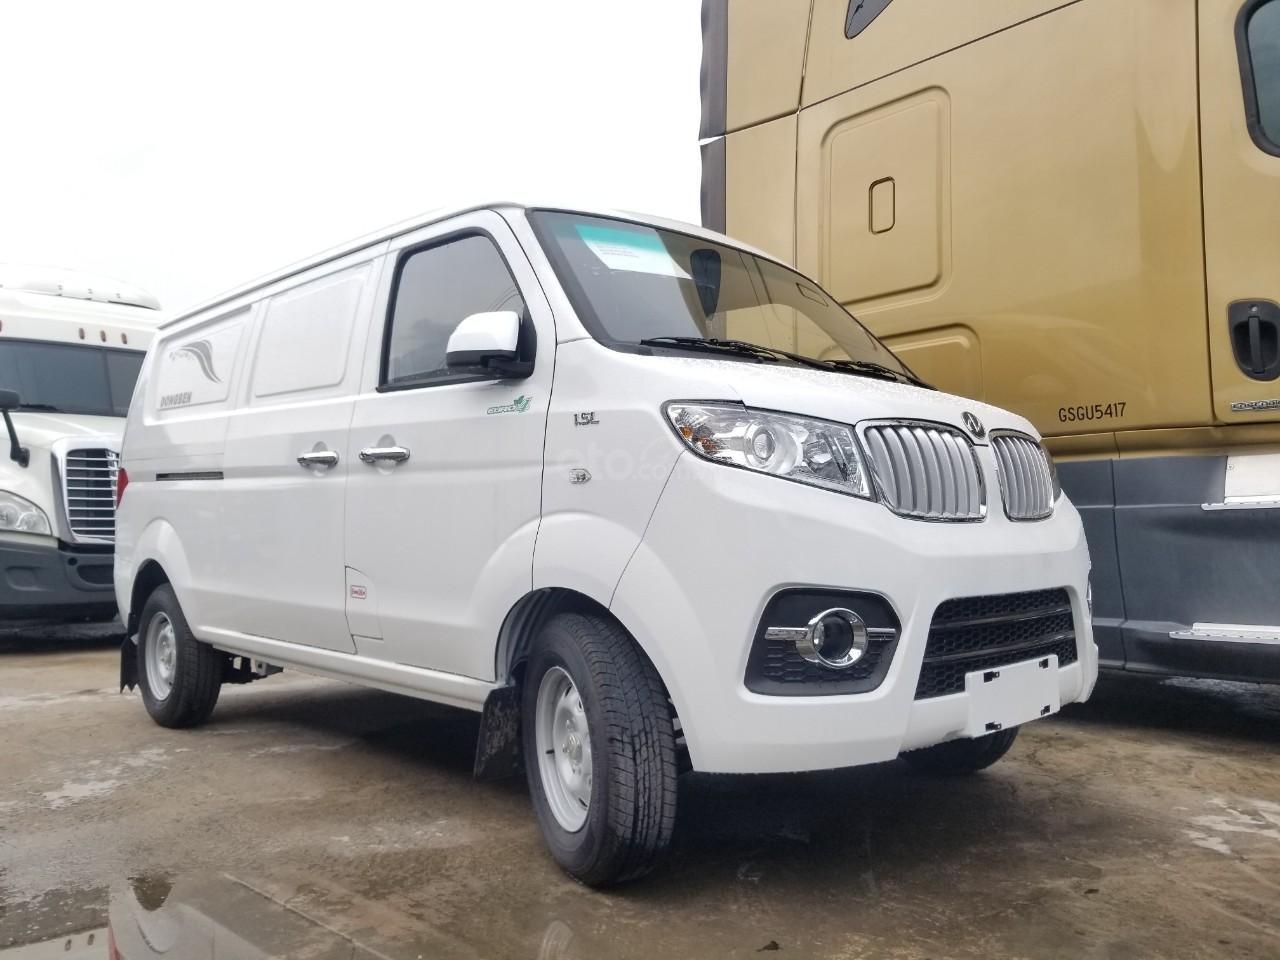 Bán bán tải Dongben X30 930kg 2020 - Giá rẻ (1)